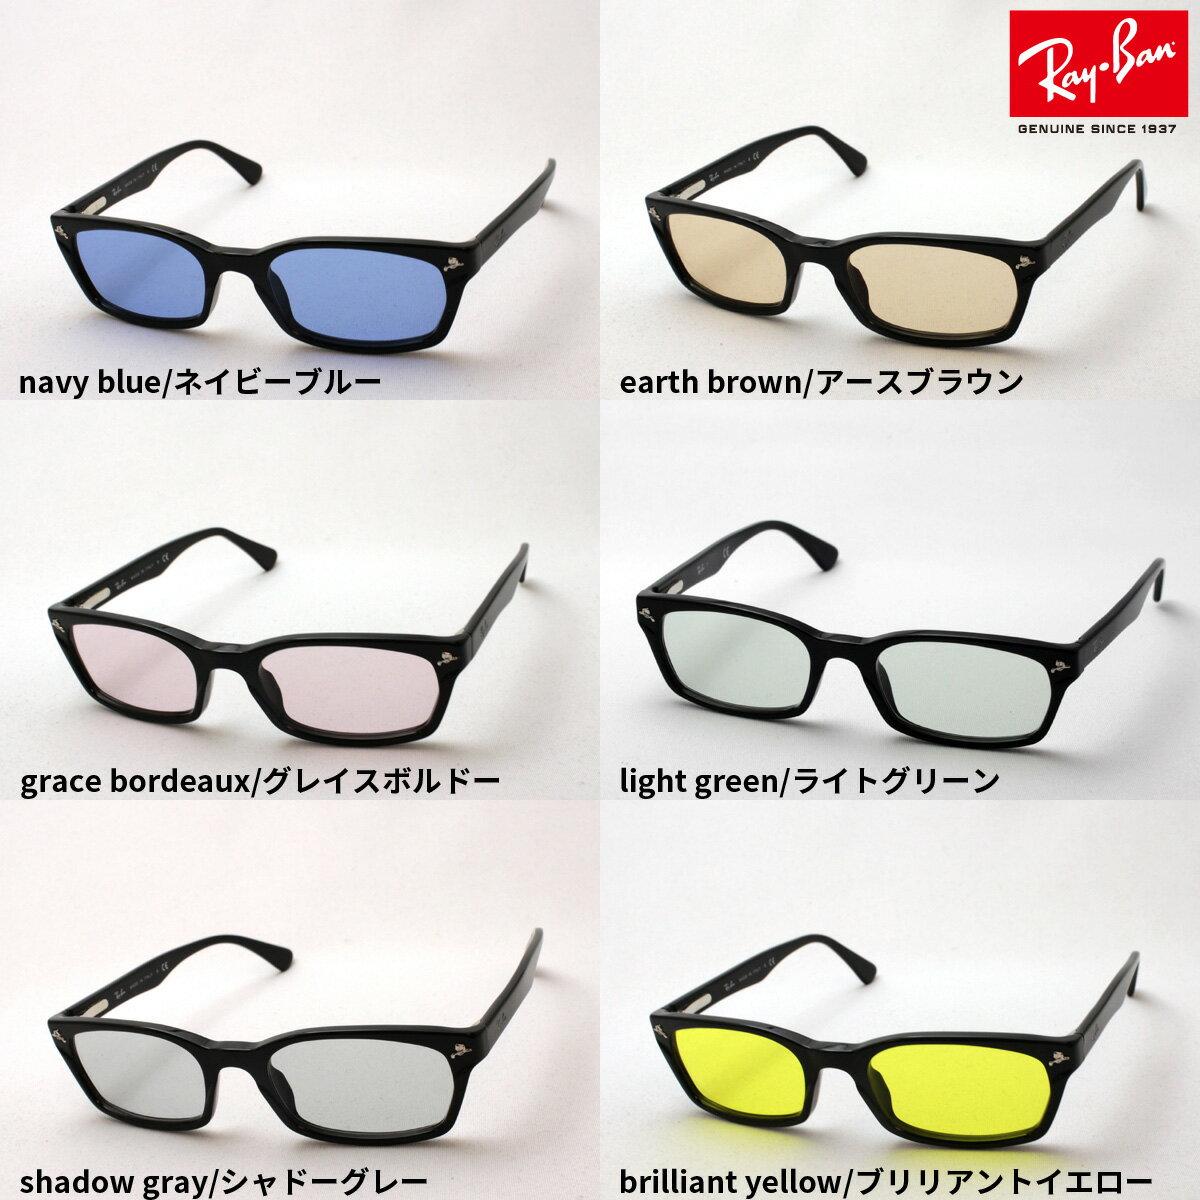 正規レイバン 日本最大級の品揃え レイバン サングラス Ray-Ban RX5017A 2000 世界最高峰レンズメーカーHOYA製 ブルー ライトカラー レディース メンズ カラーレンズサングラス ブルーレンズ メガネ メガネフレーム RayBan light color スクエア